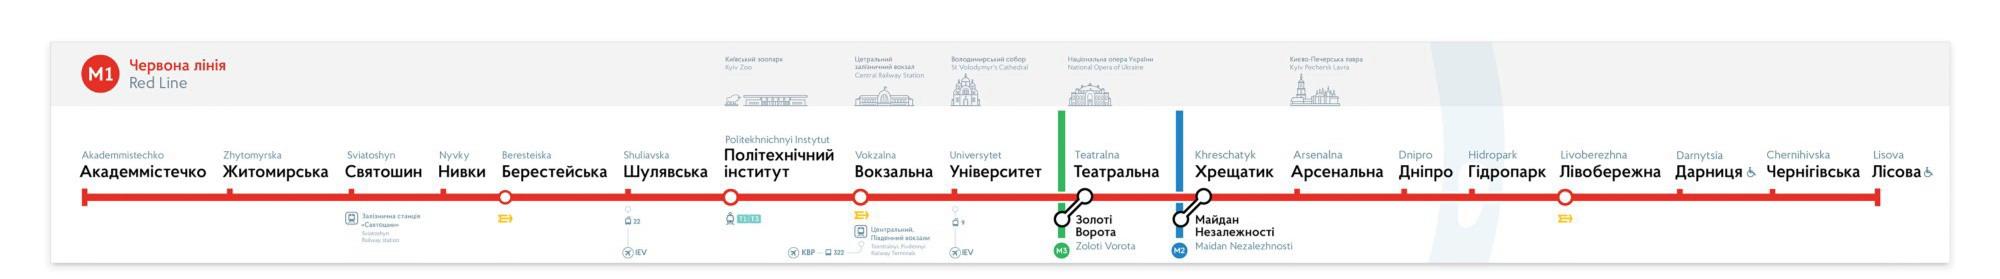 Святошинско-Броварская линия